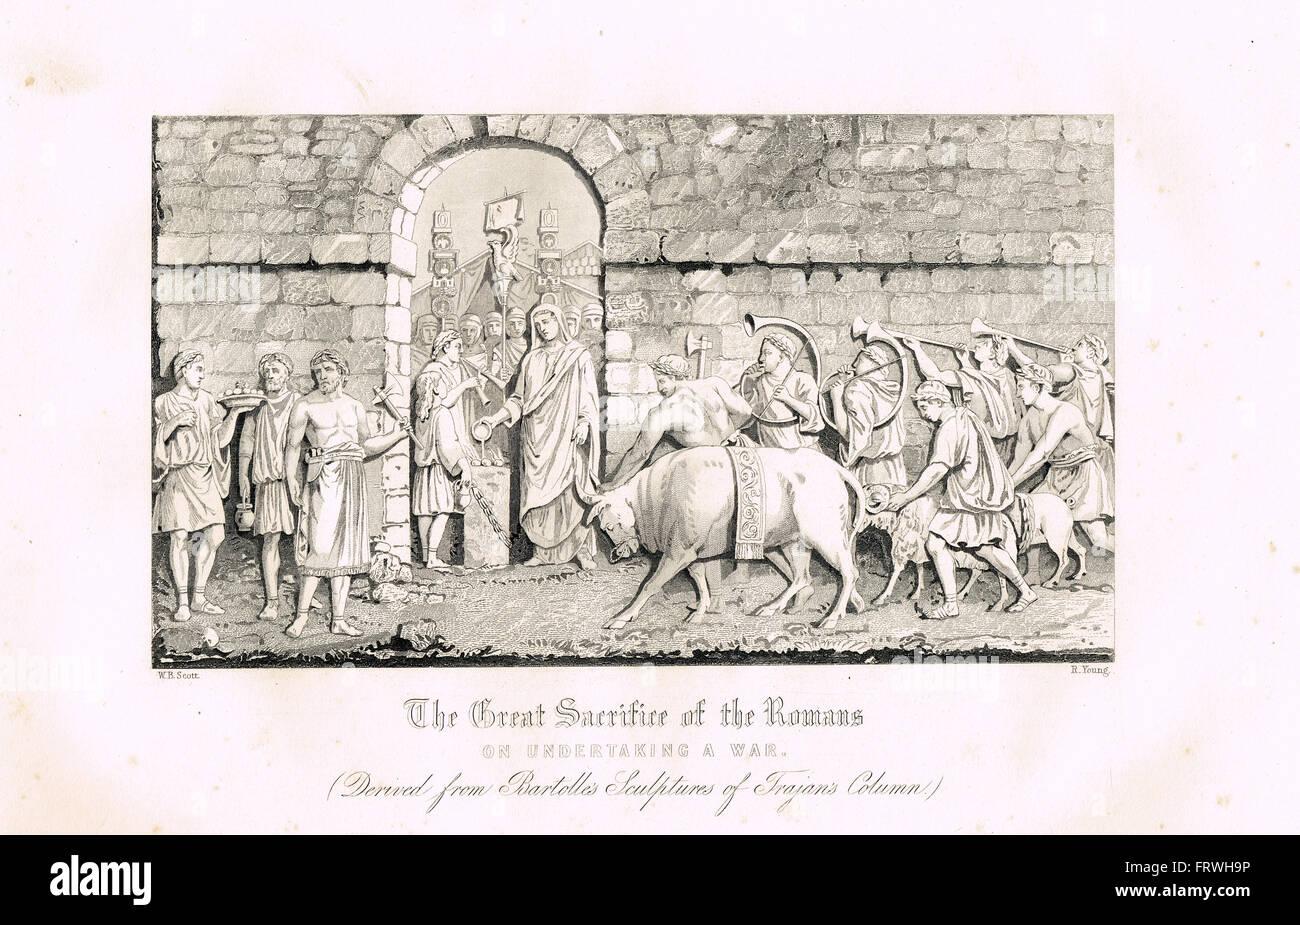 Großes Opfer von den Römern auf den Krieg vorbereiten.  Dacian Kriege, Kaiser Trajan Stockbild